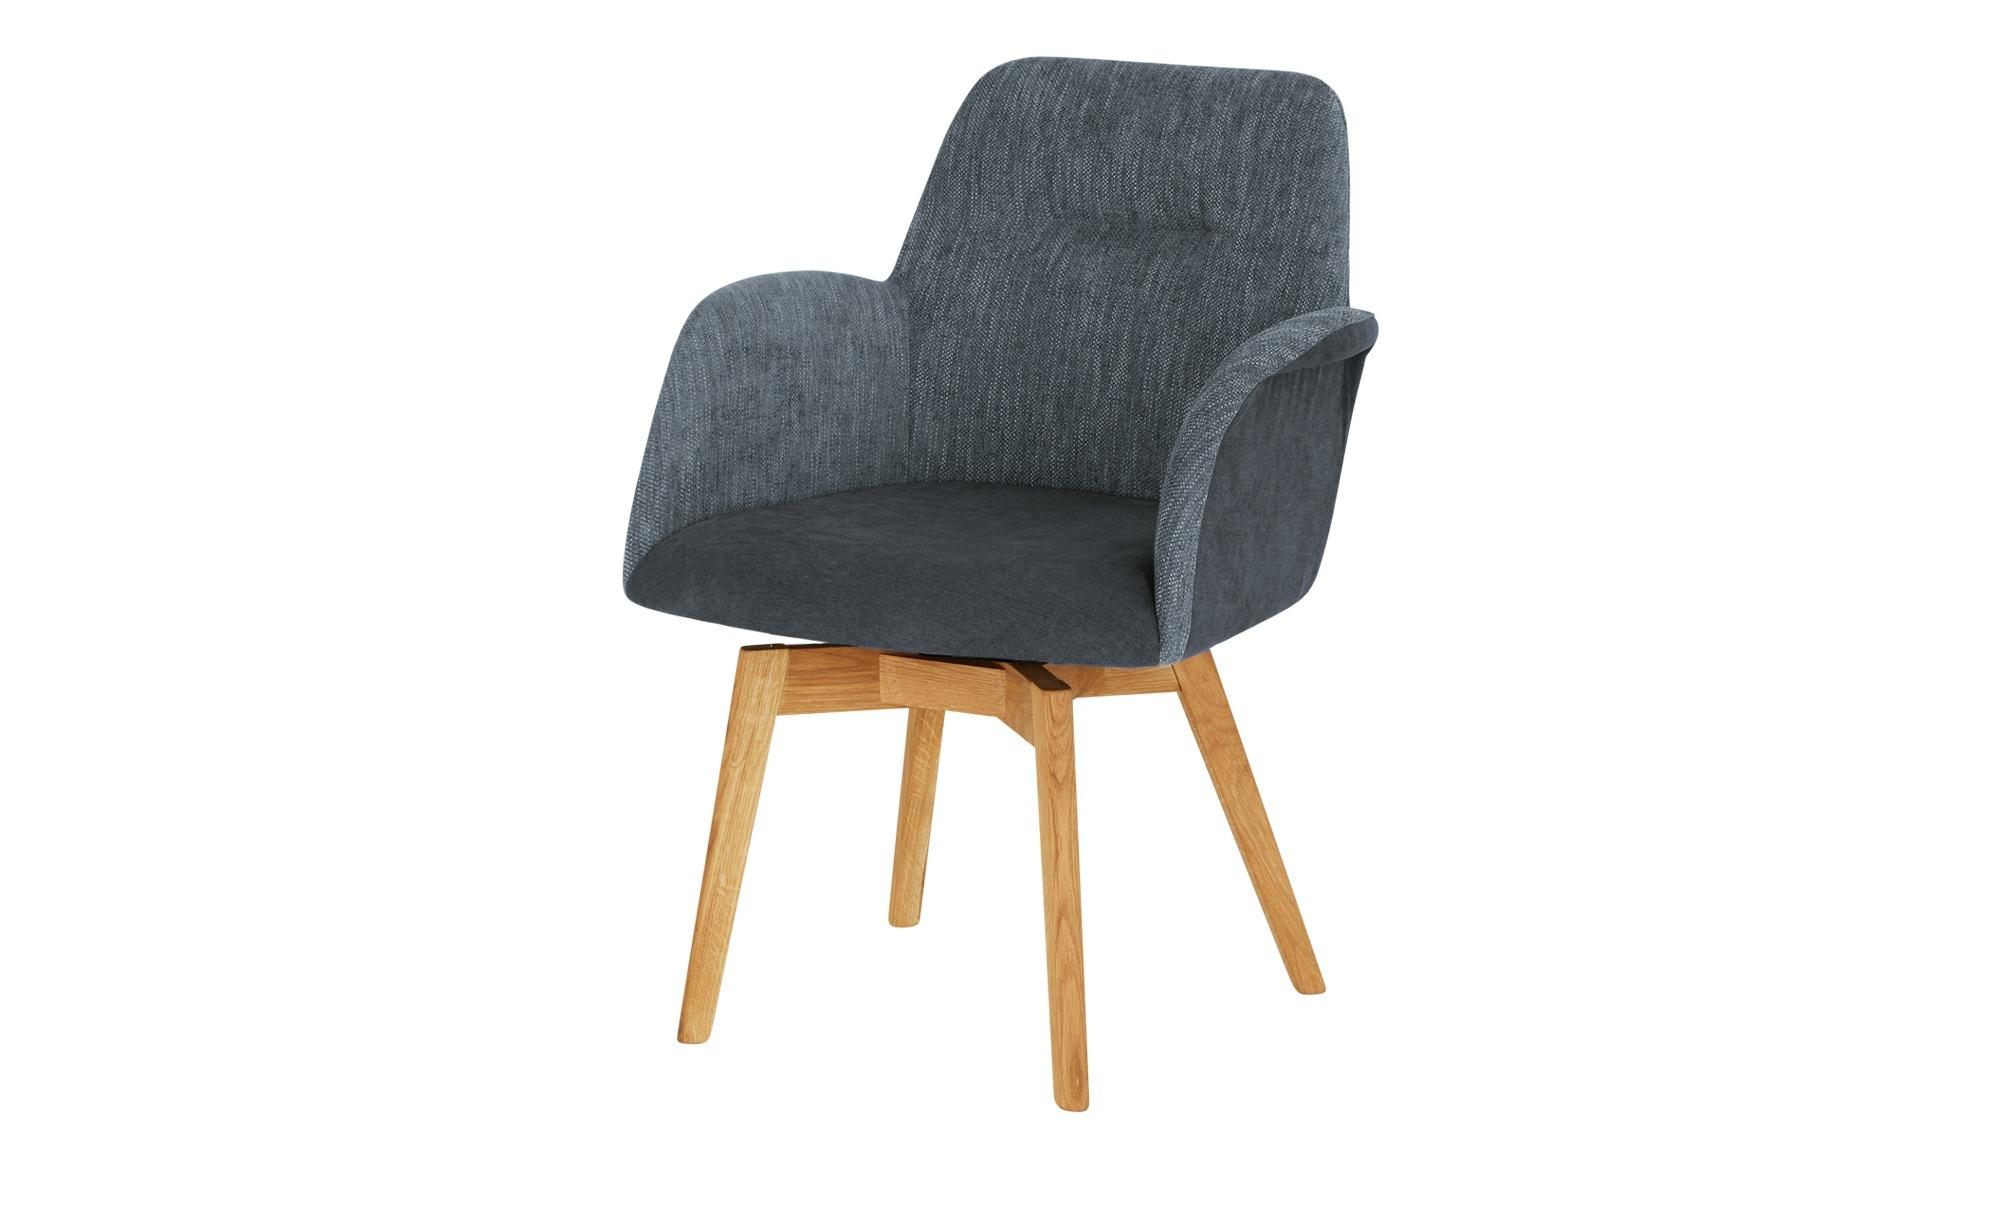 Woodford Polstersessel  Melba ¦ blau ¦ Maße (cm): B: 66 H: 88 T: 70 Stühle > Esszimmerstühle > Esszimmerstühle mit Armlehnen - Höffner